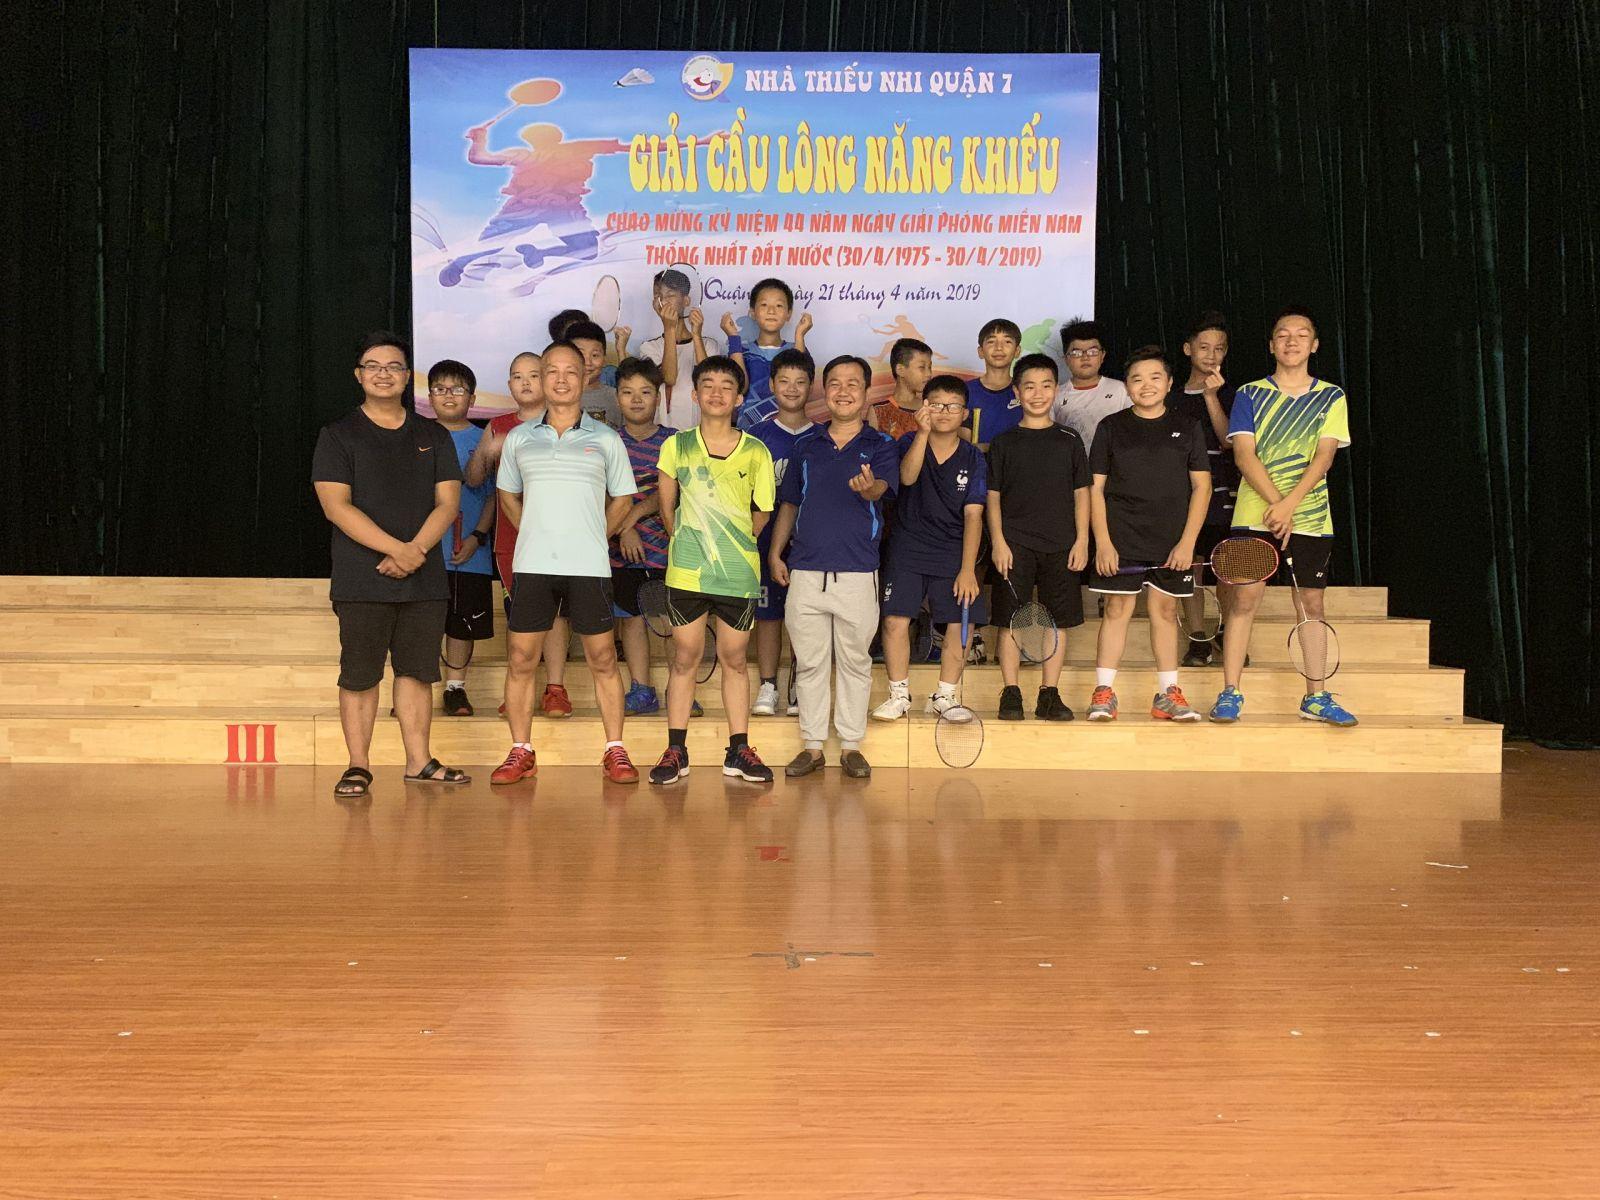 Tổ chức giải cầu lông năng khiếu năm 2019